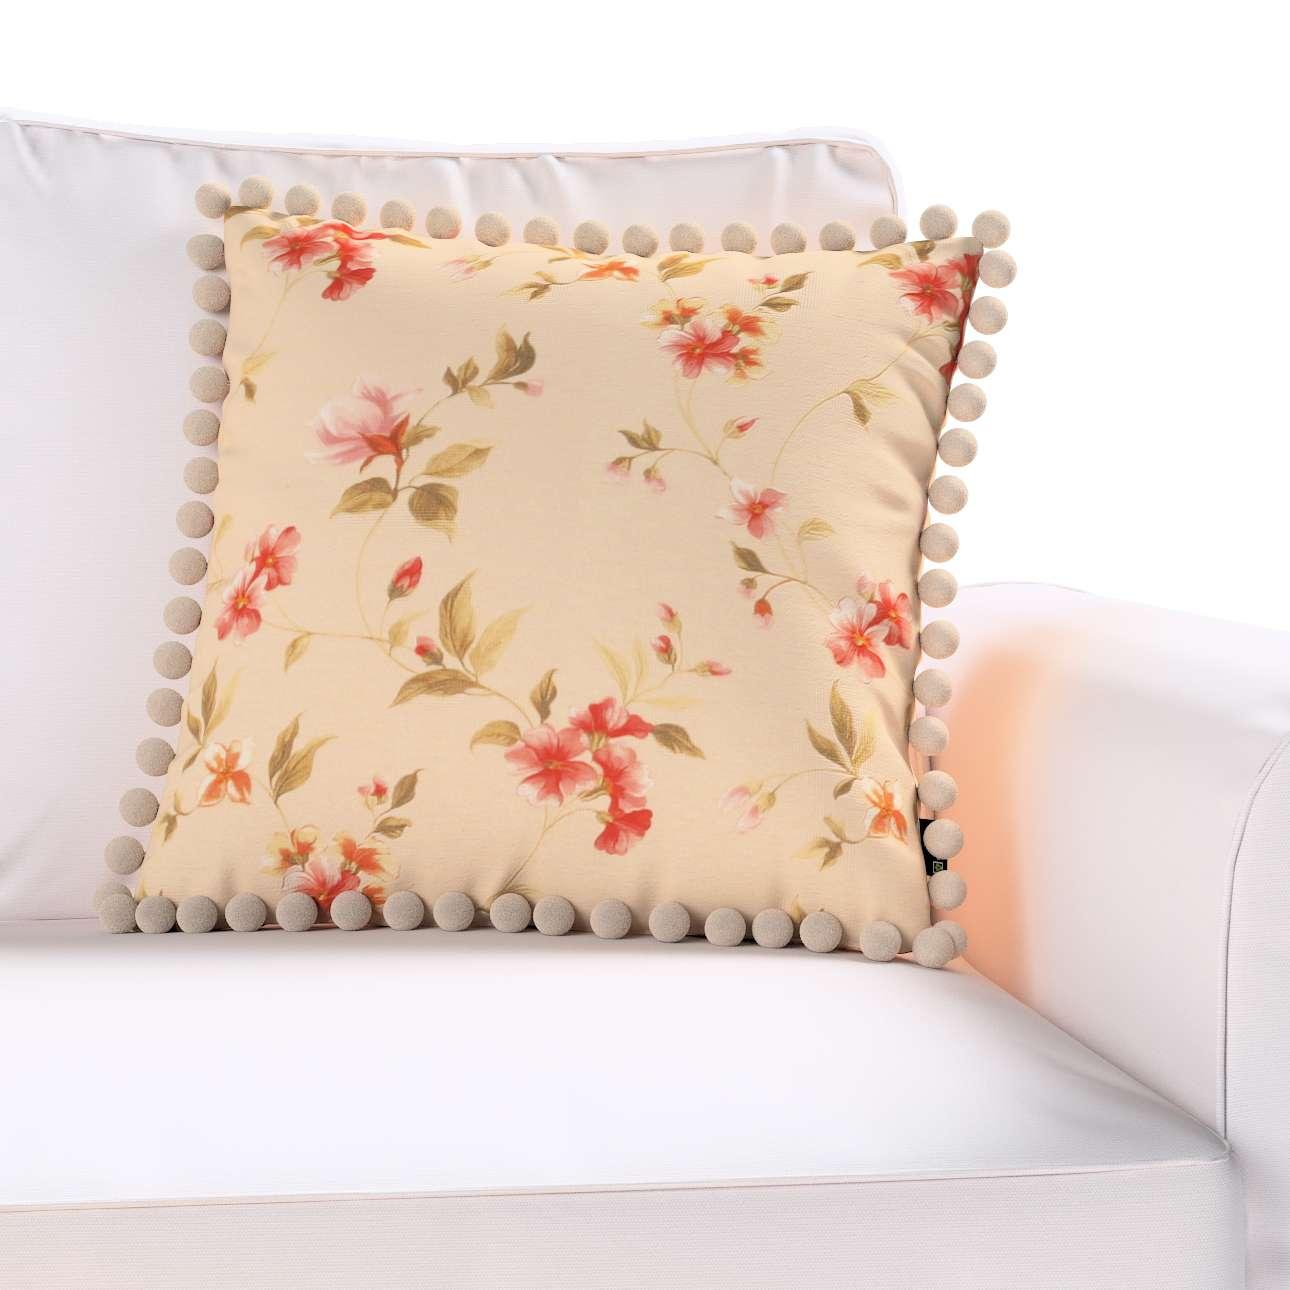 Wera dekoratyvinės pagalvėlės užvalkalas su žaismingais kraštais kolekcijoje Londres, audinys: 124-05